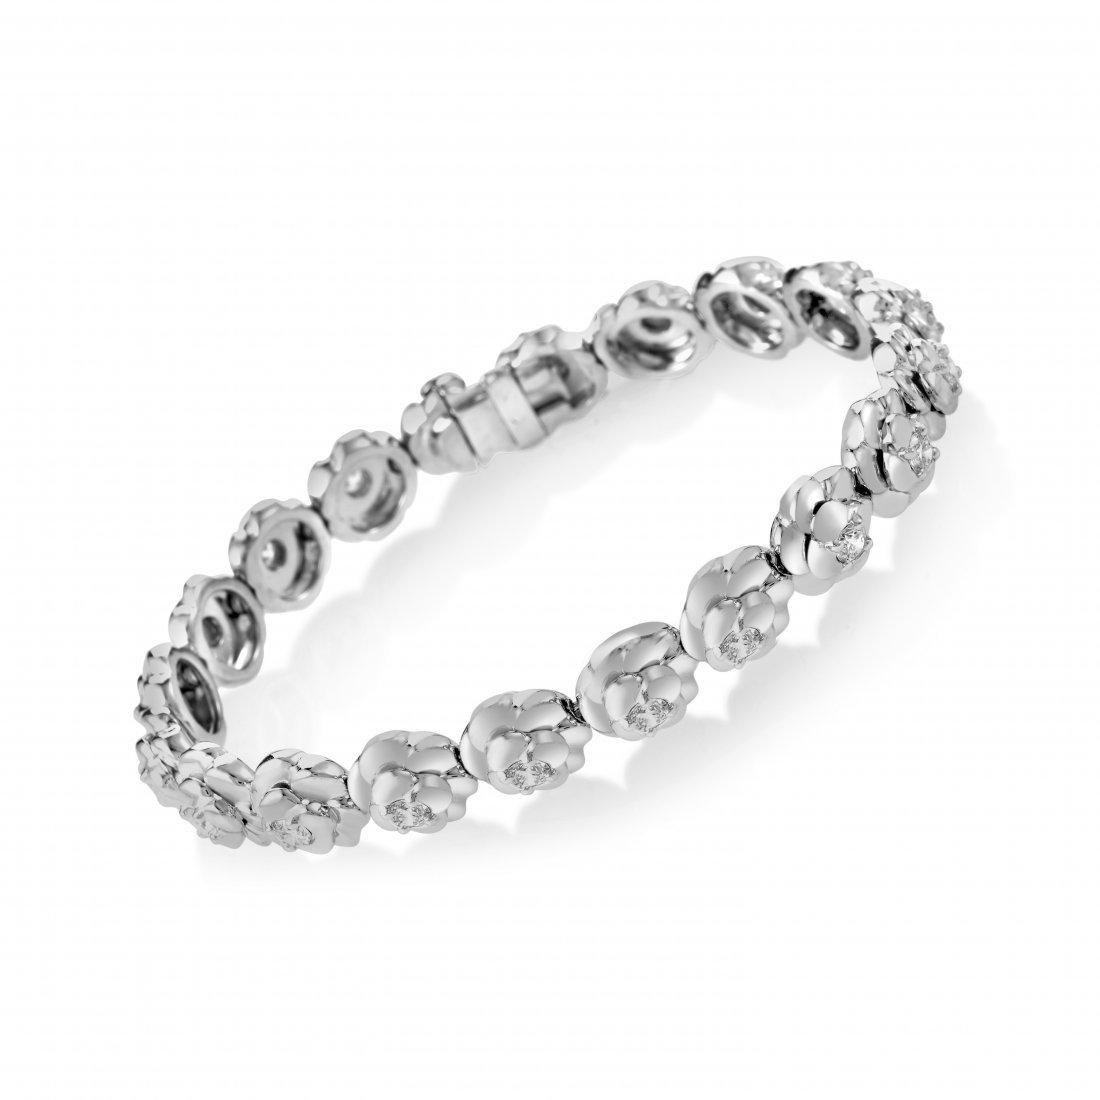 Chanel Camélia 18K White Gold Diamond Bracelet AK1B764